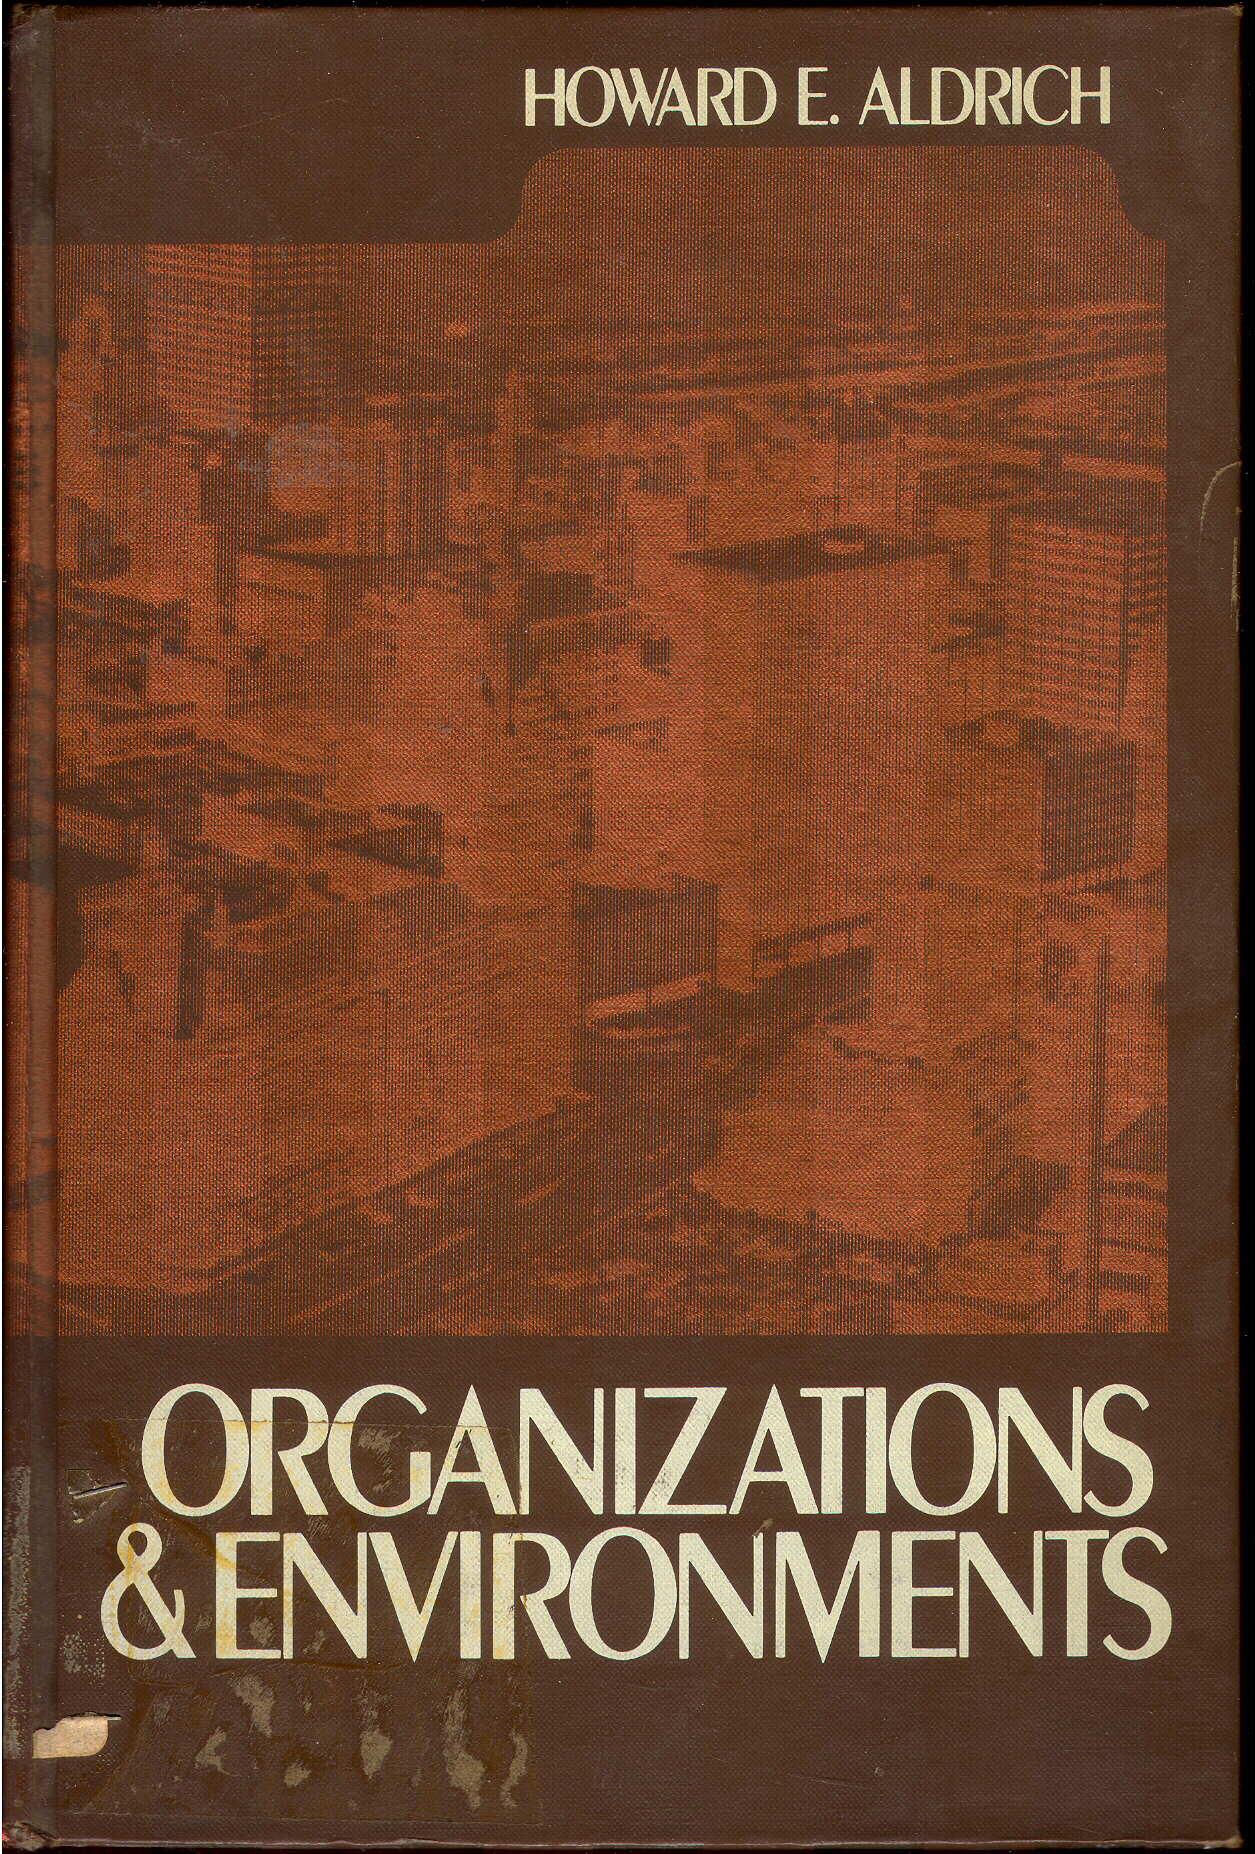 Organizations and Environments